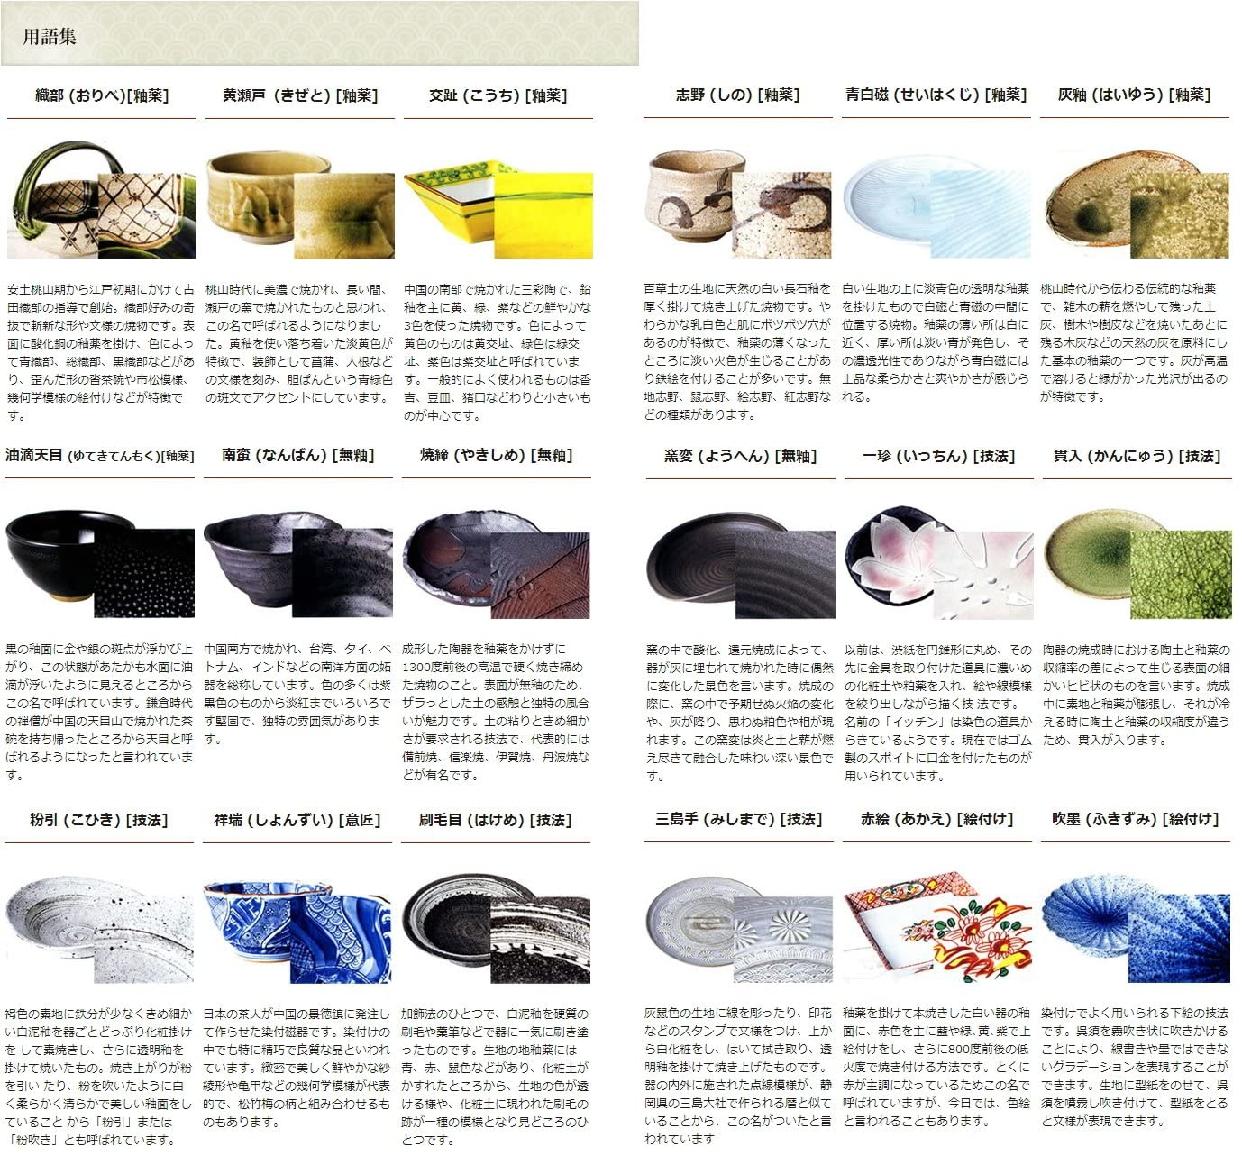 せともの本舗 D.X富士型ちらし桶 グリーンパール波 7-464-2の商品画像5